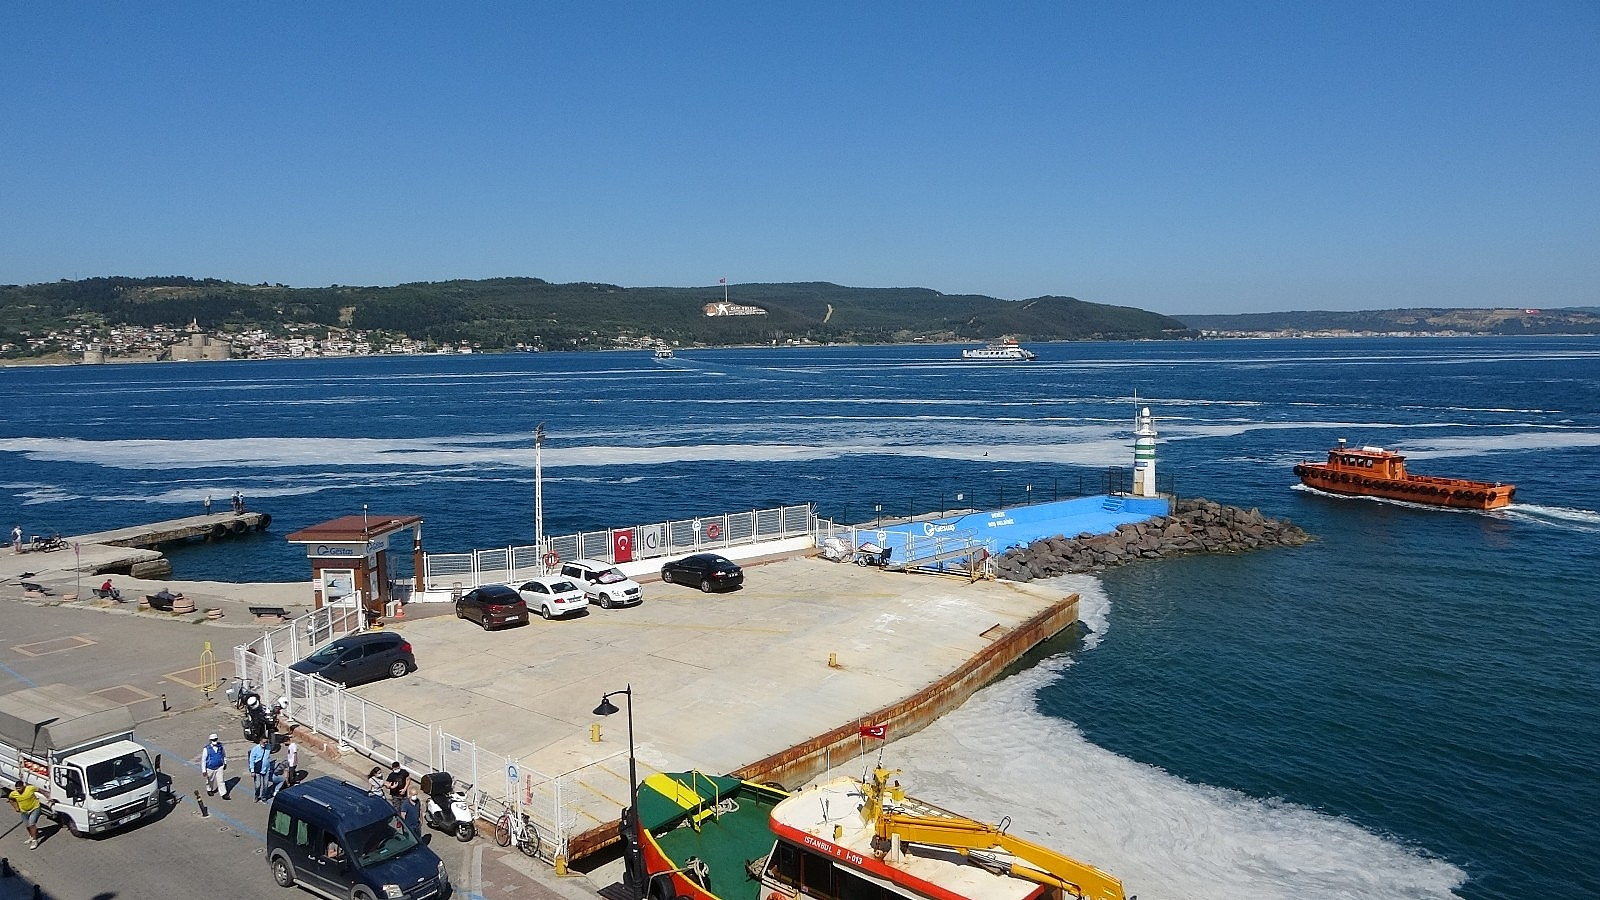 2021/06/canakkalede-deniz-salyasi-kabusu-suruyor-20210609AW34-8.jpg